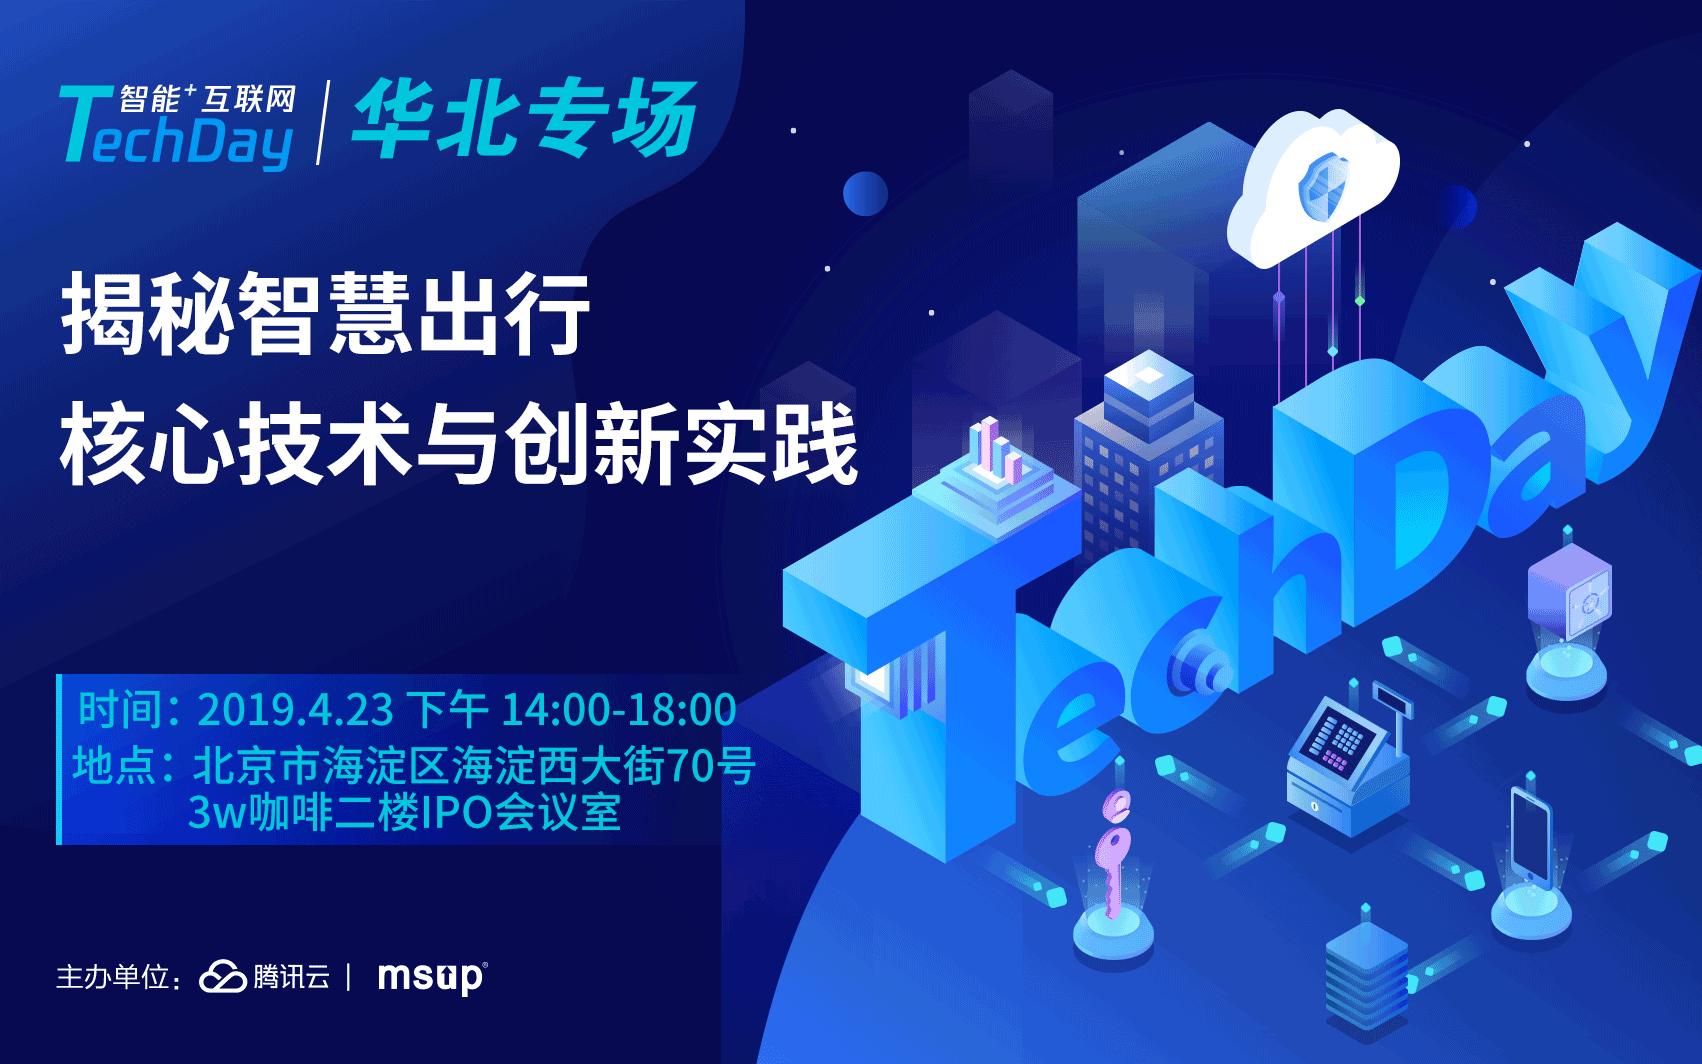 """腾讯云""""智能+互联网TechDay"""": 揭秘智慧出行核心技术与创新实践2019(北京)"""